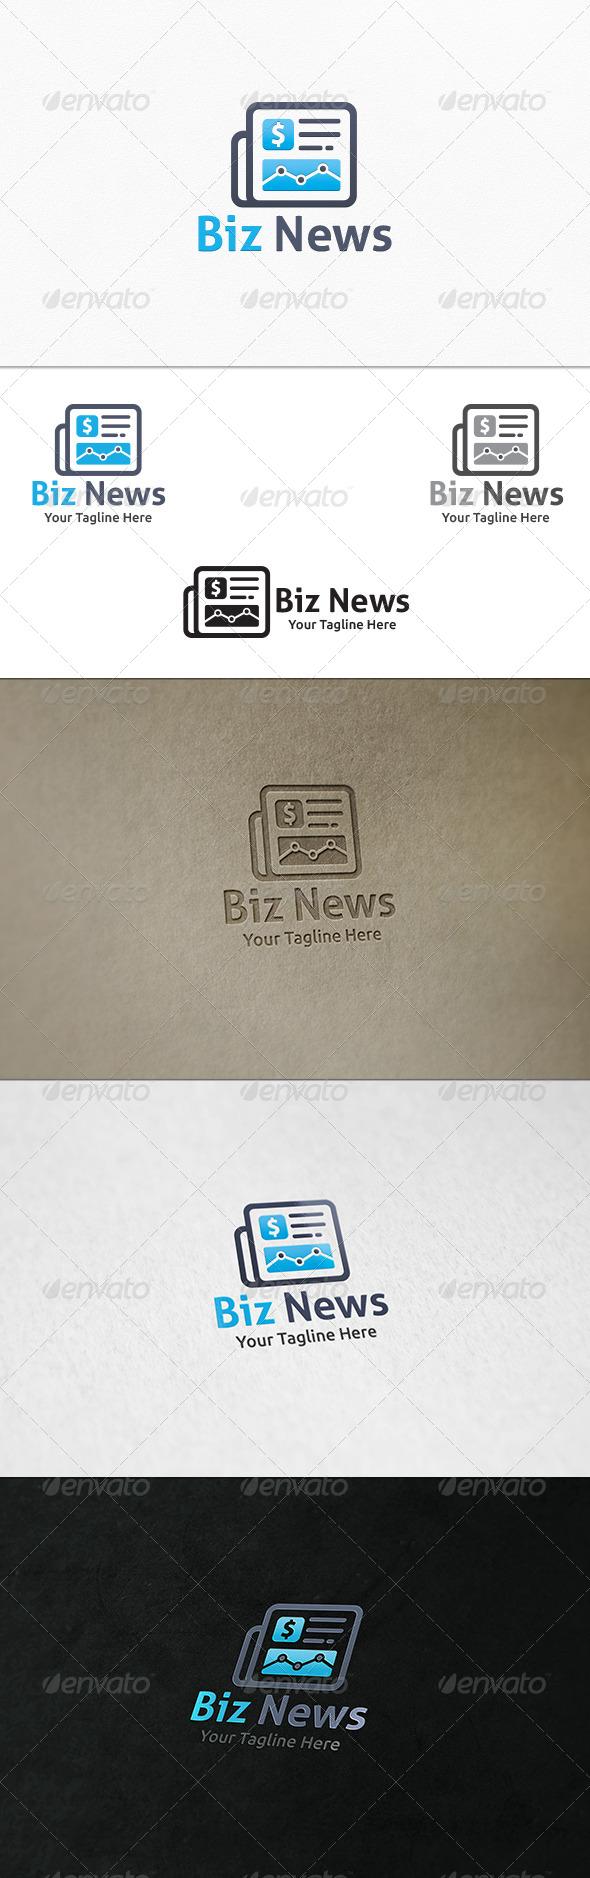 GraphicRiver Business News Logo Template 7332103